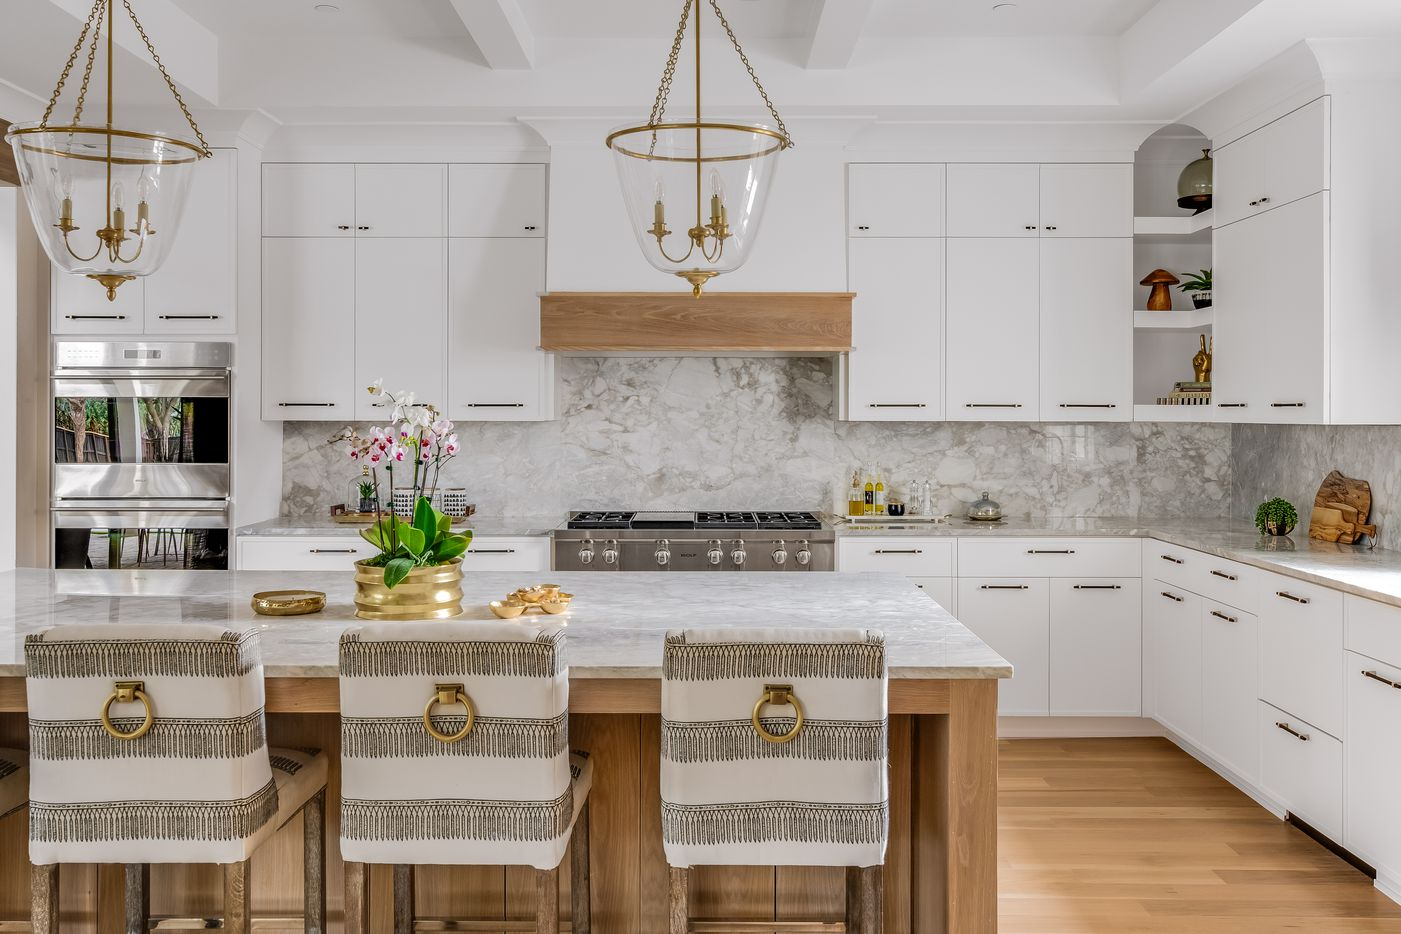 Take a look at the home at 11555 W. Ricks Circle in Dallas, TX.